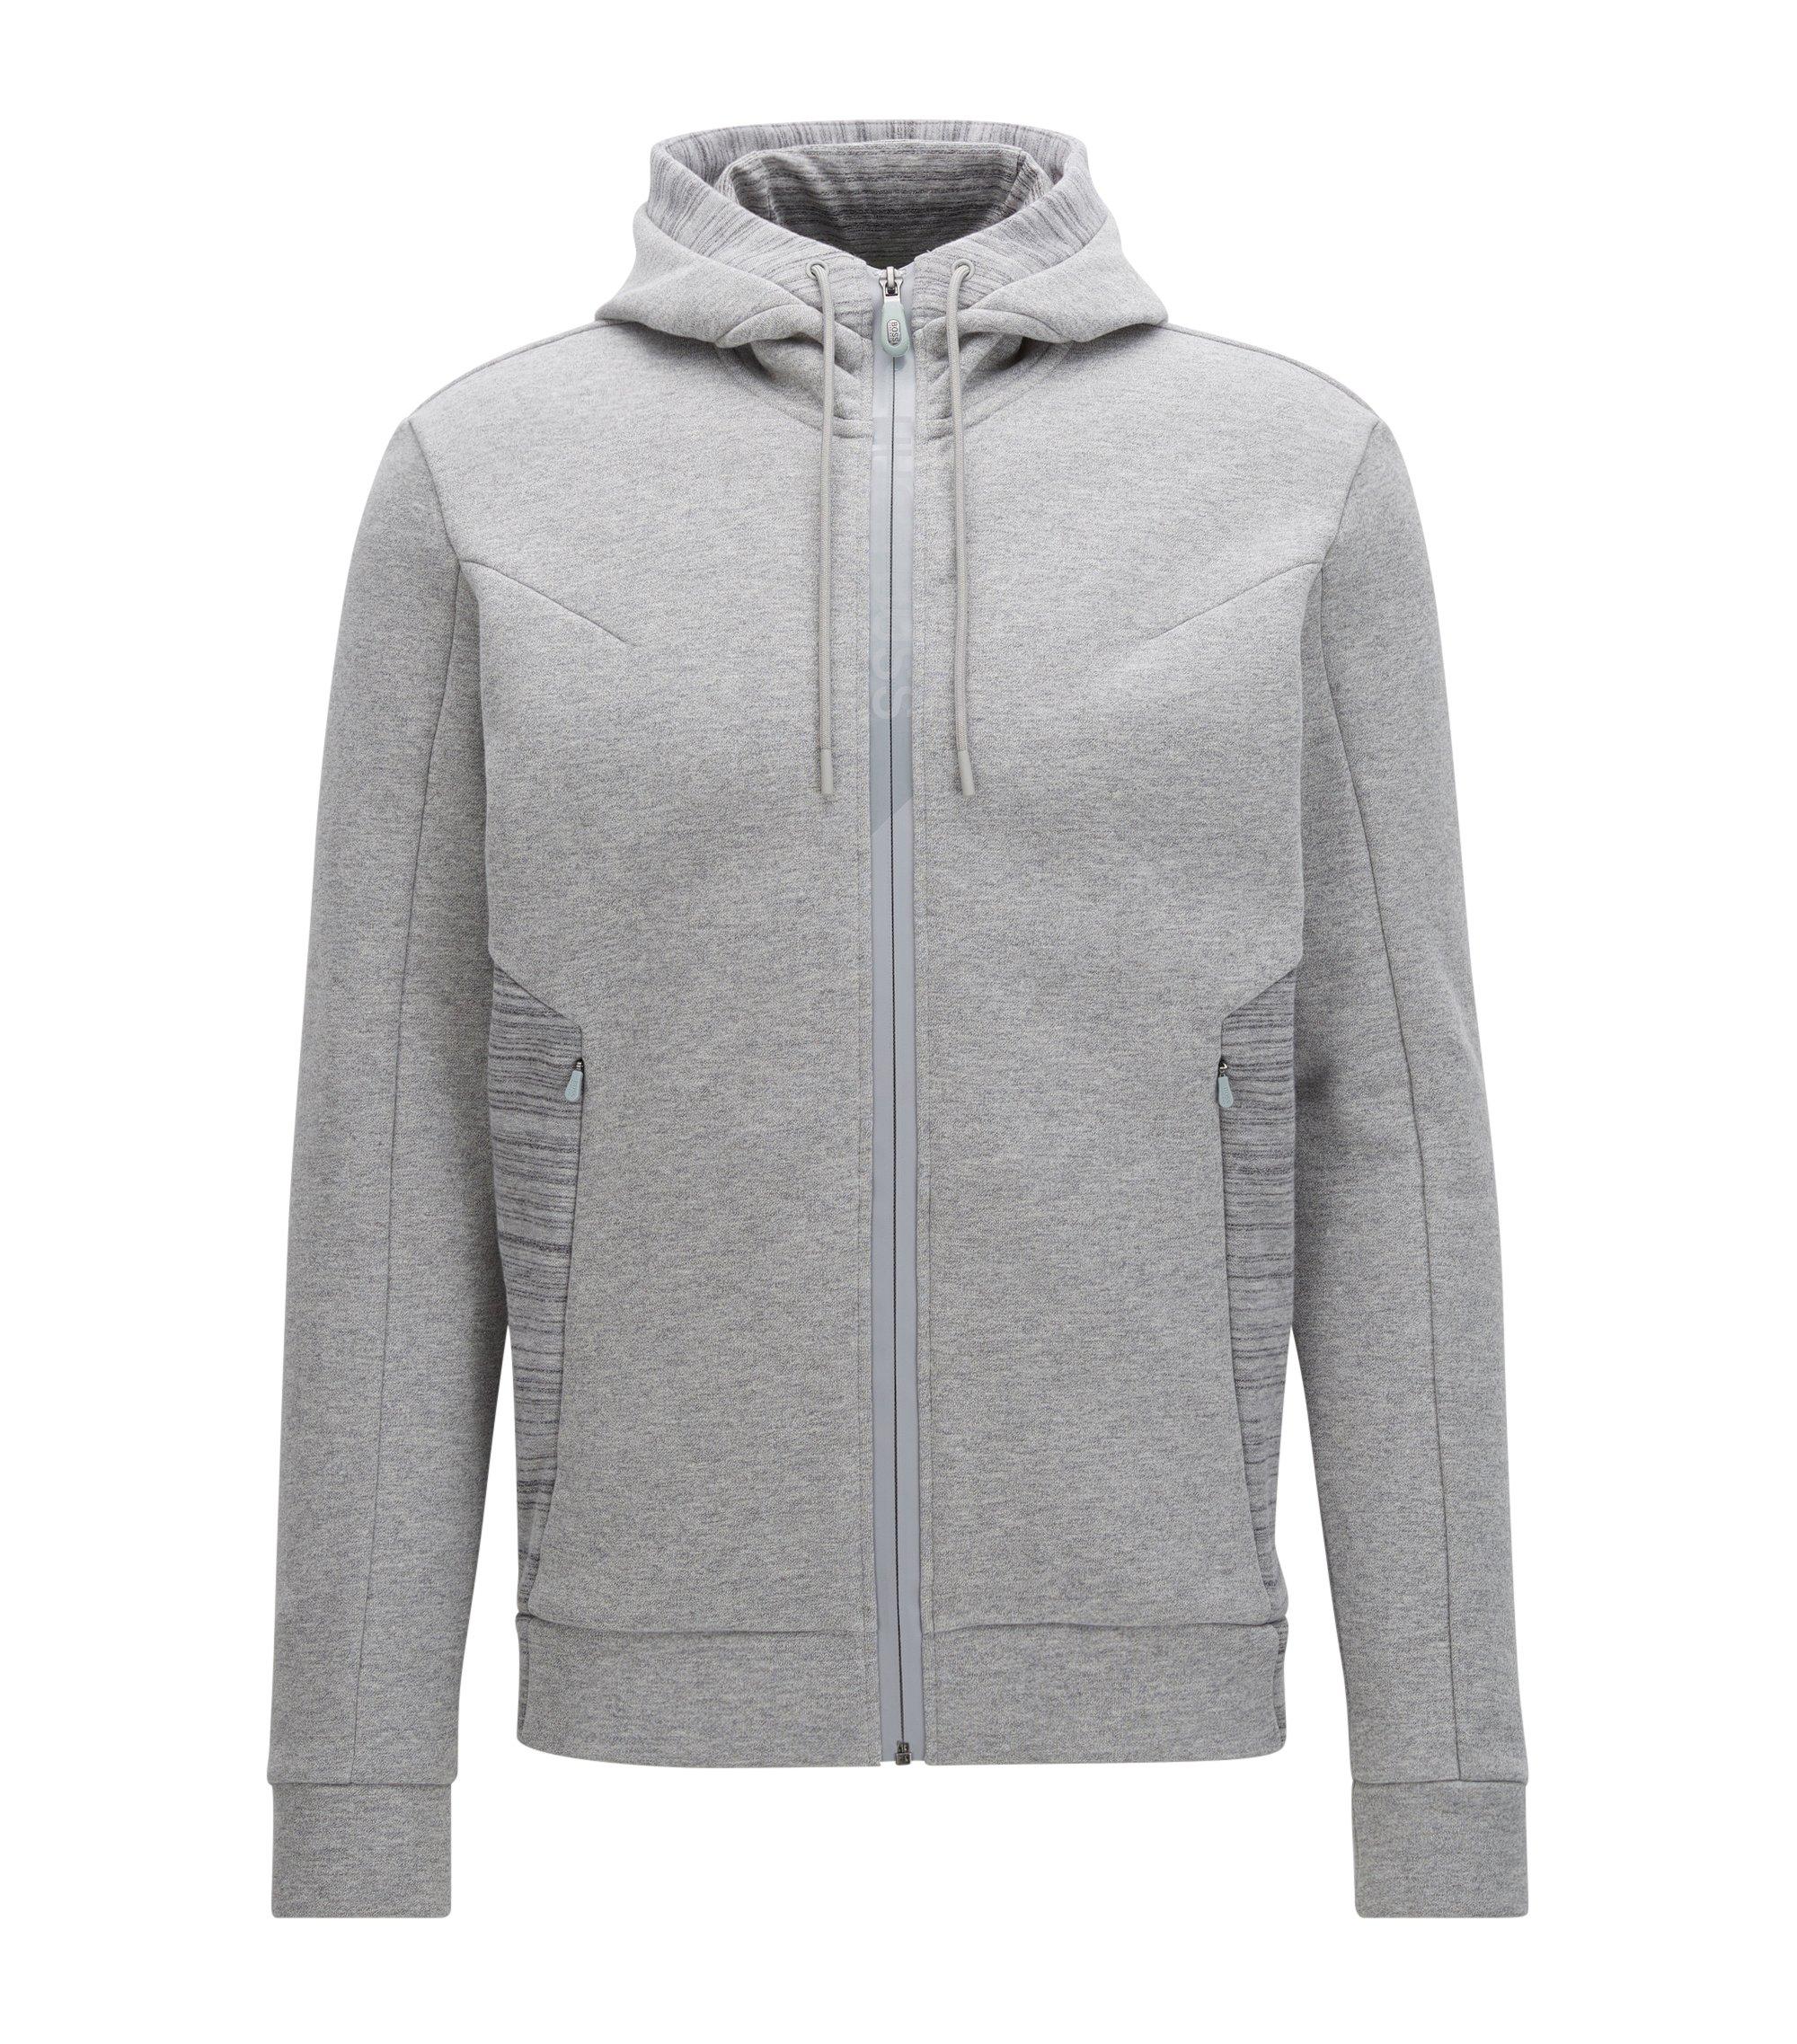 Maglione con cappuccio e zip integrale in misto cotone, Grigio chiaro